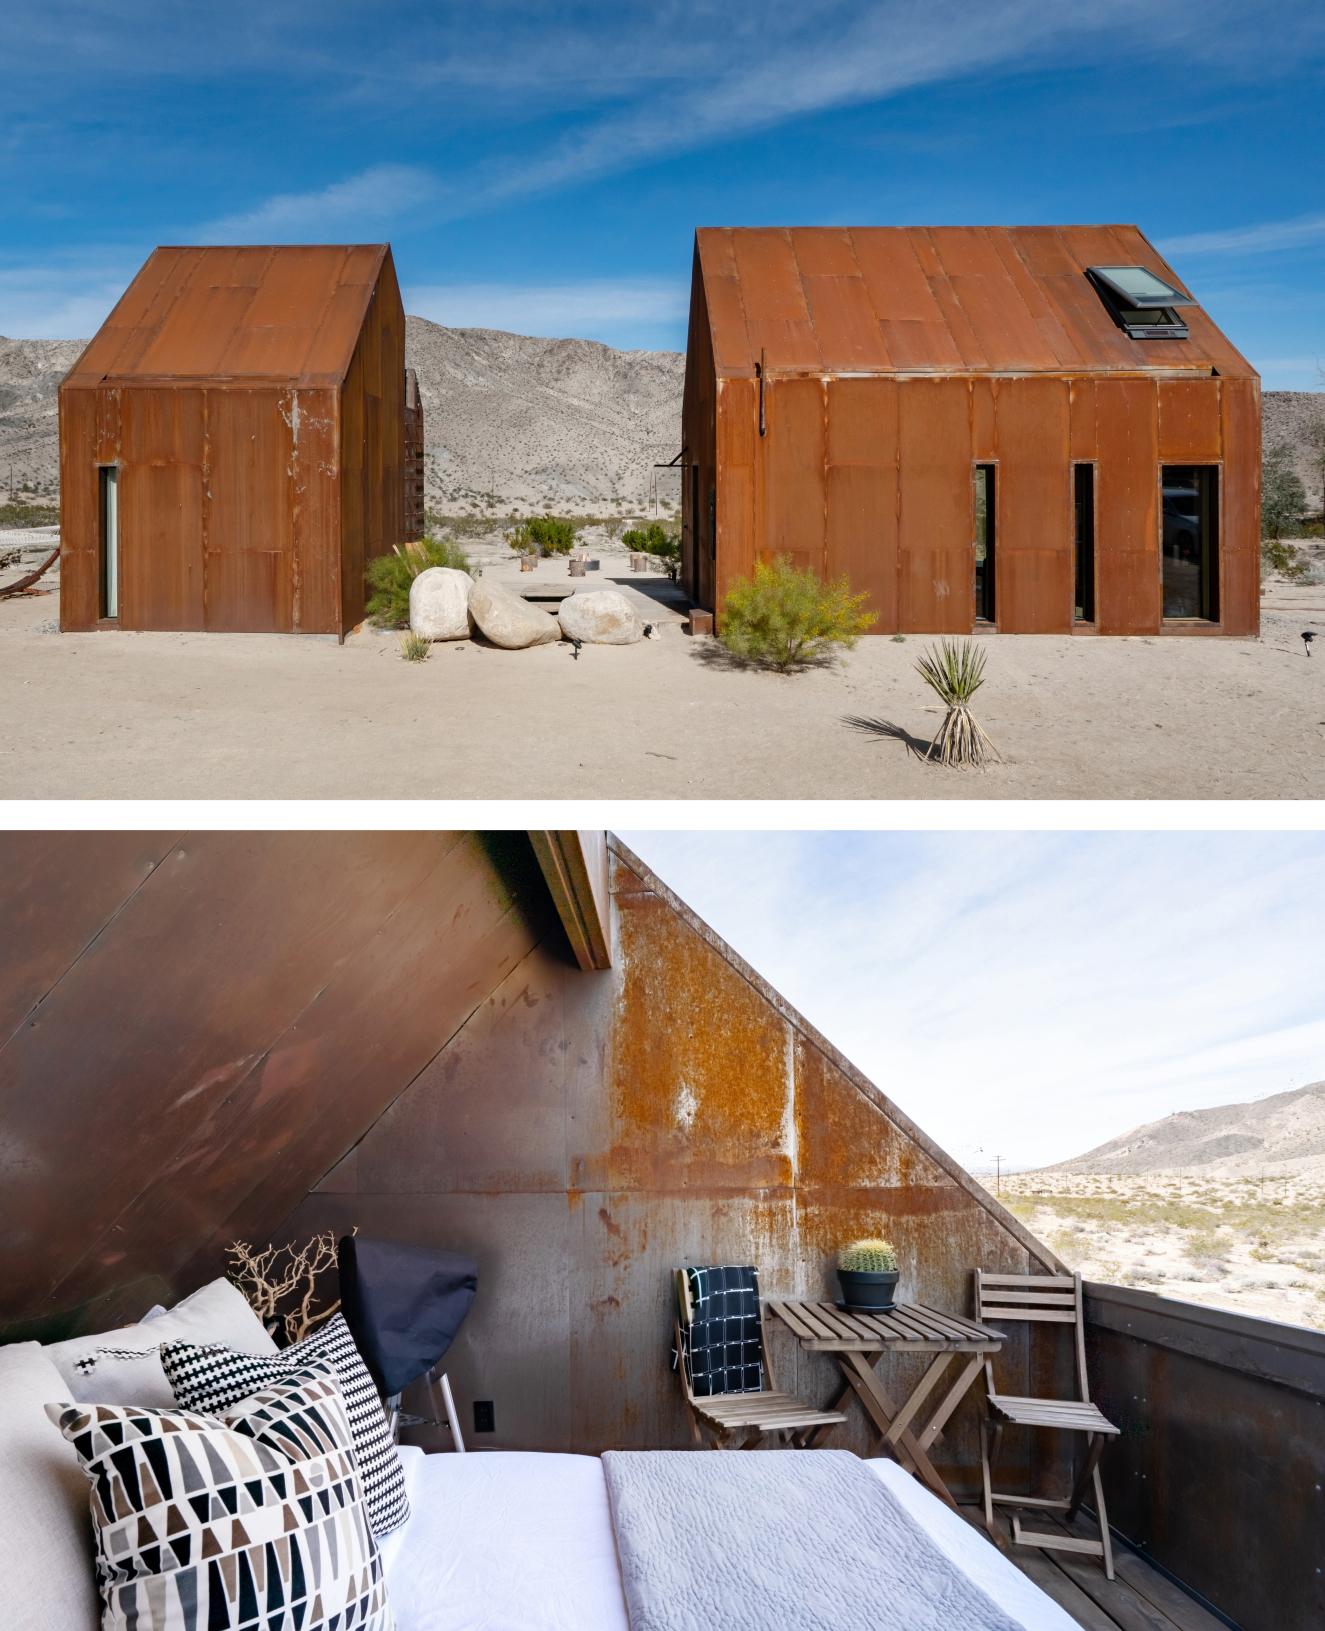 Stargazer's Cabin, California